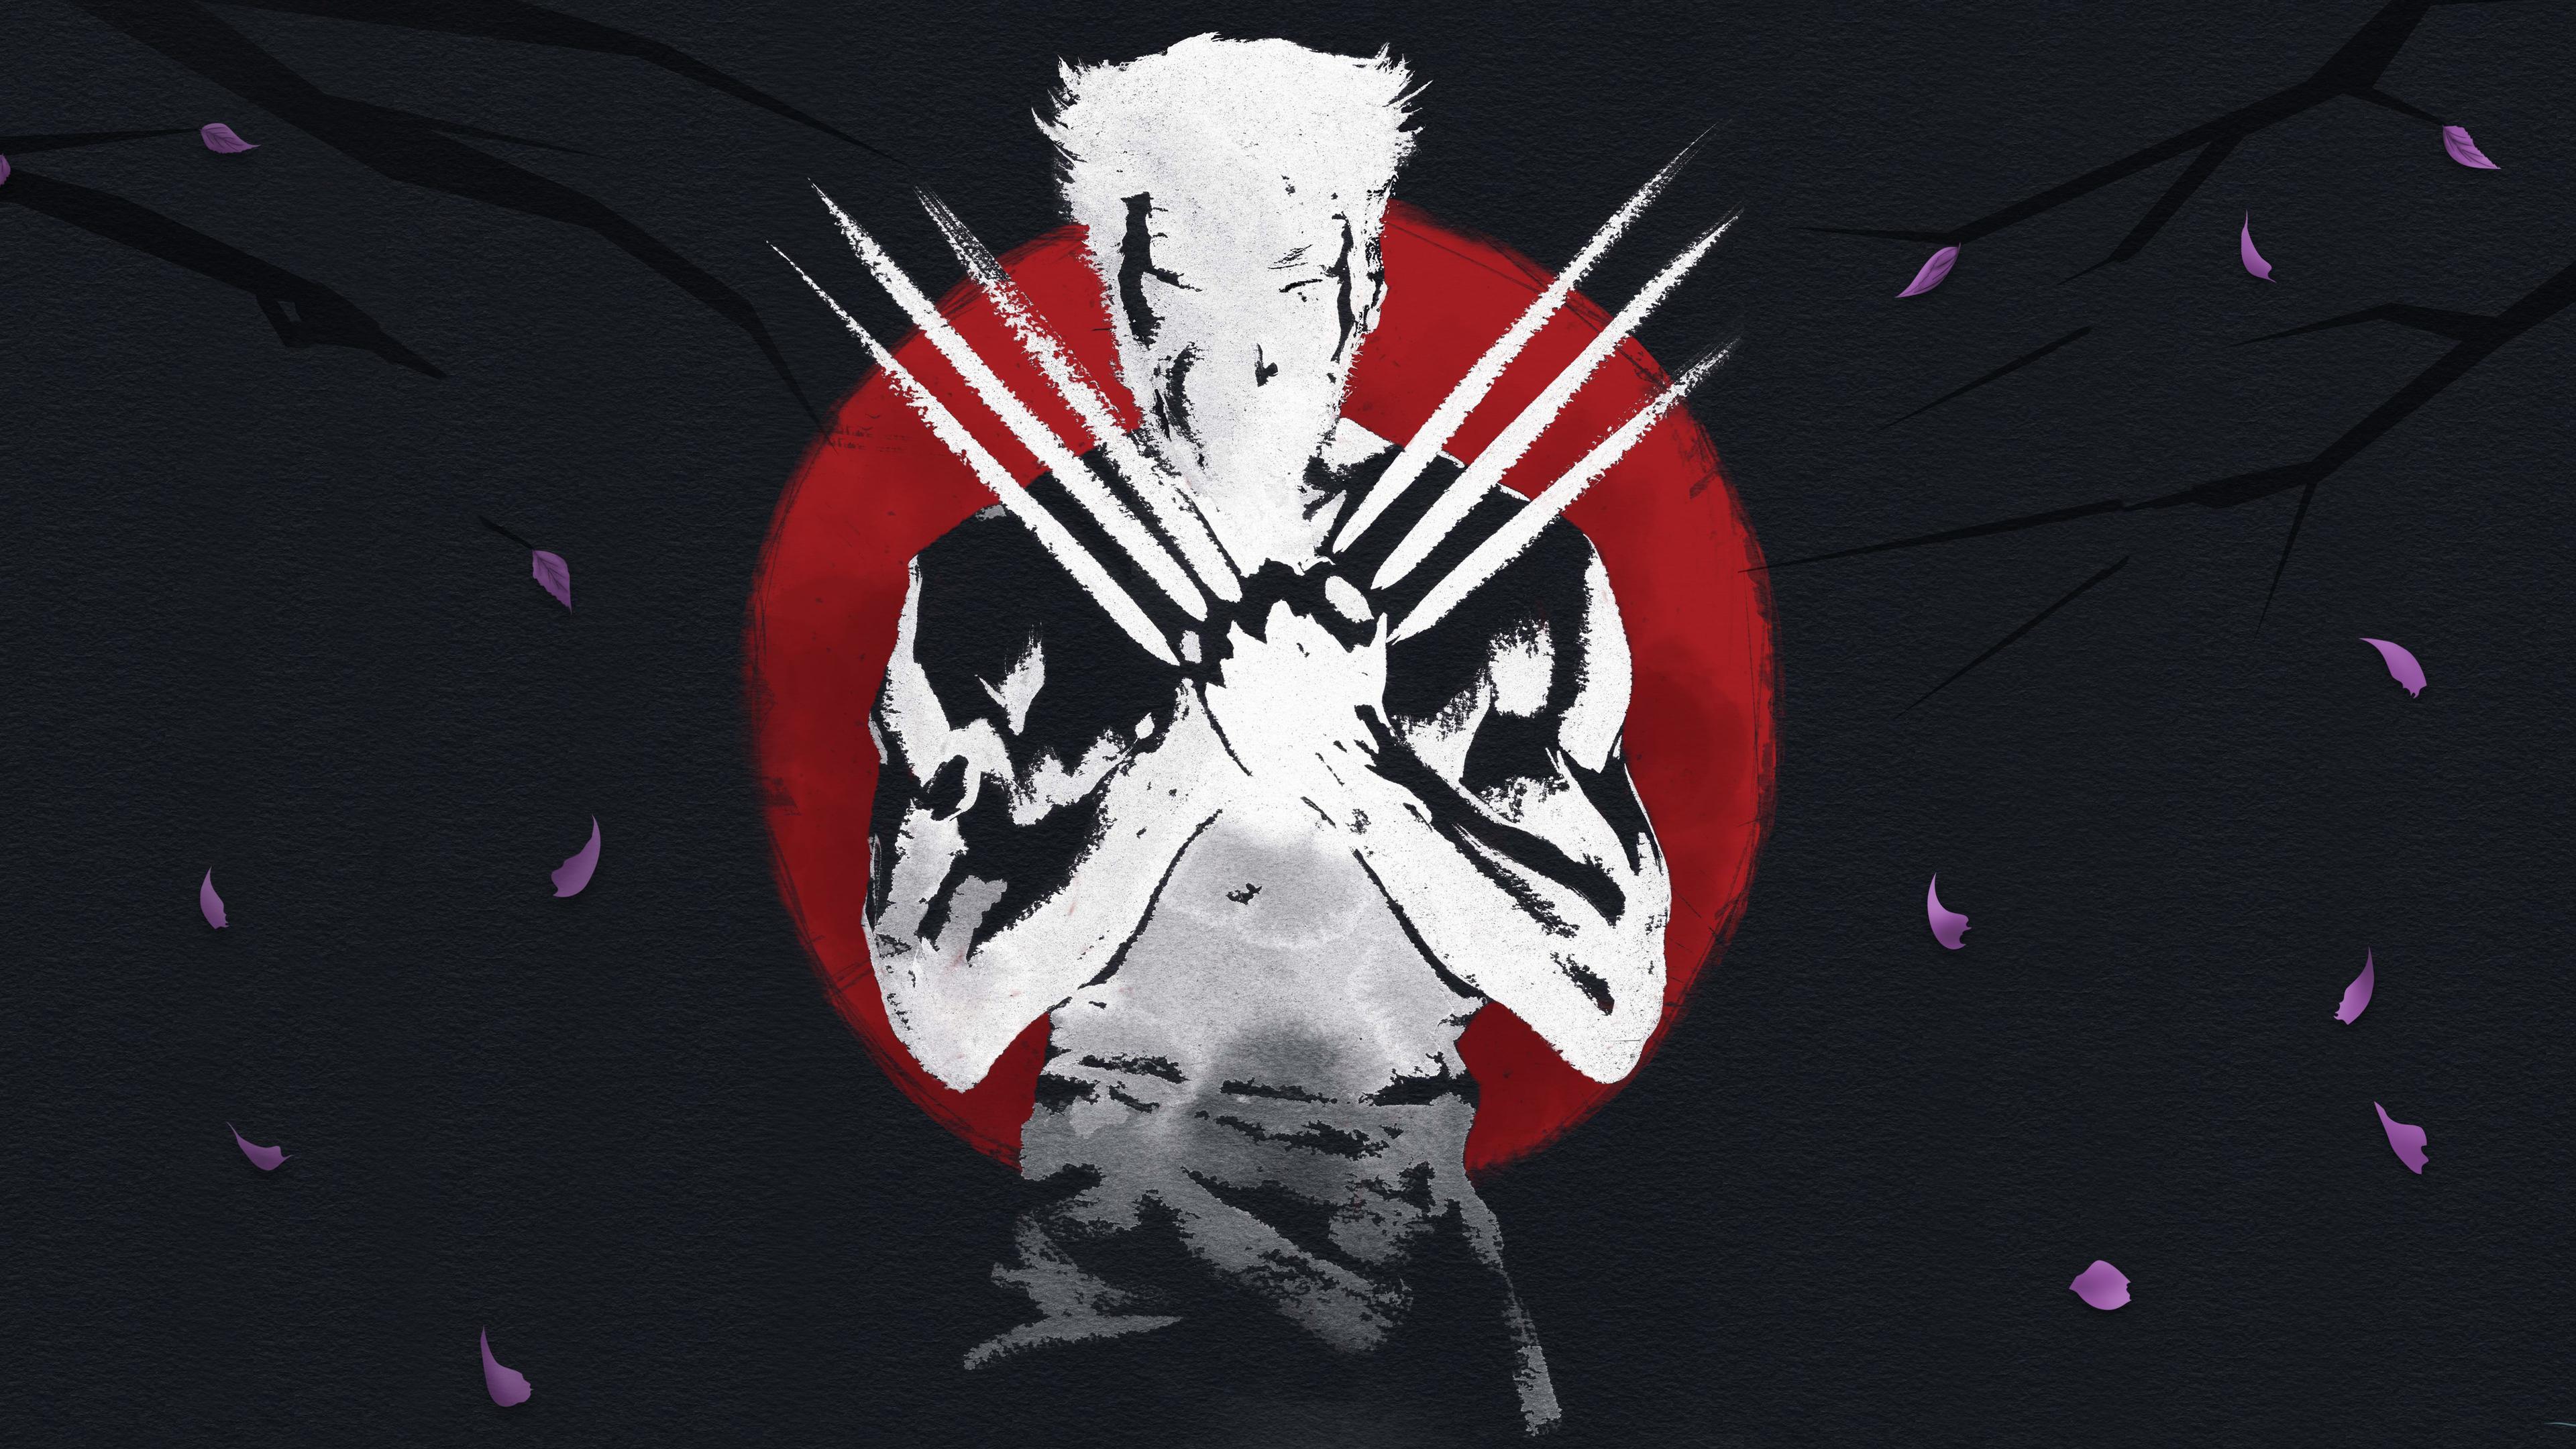 wolverine art 4k 1553071099 - Wolverine Art 4k - wolverine wallpapers, superheroes wallpapers, hd-wallpapers, artwork wallpapers, artist wallpapers, 5k wallpapers, 4k-wallpapers